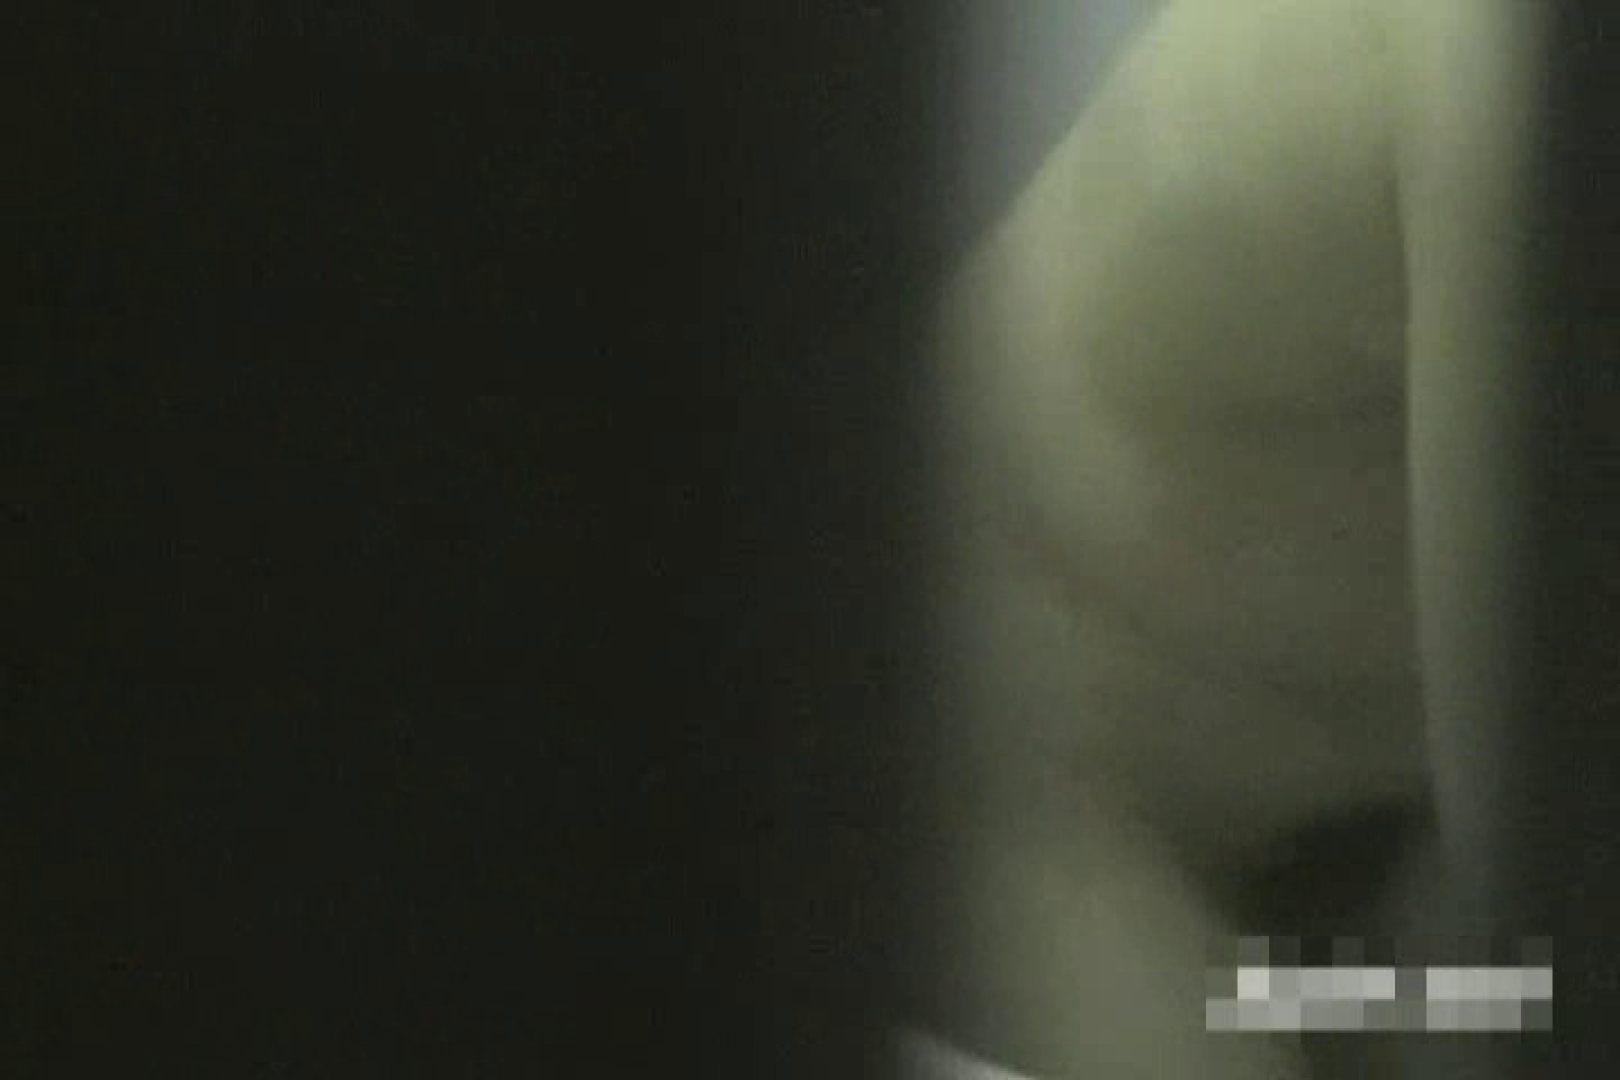 激撮ストーカー記録あなたのお宅拝見しますVol.4 シャワー 盗撮動画紹介 35pic 3